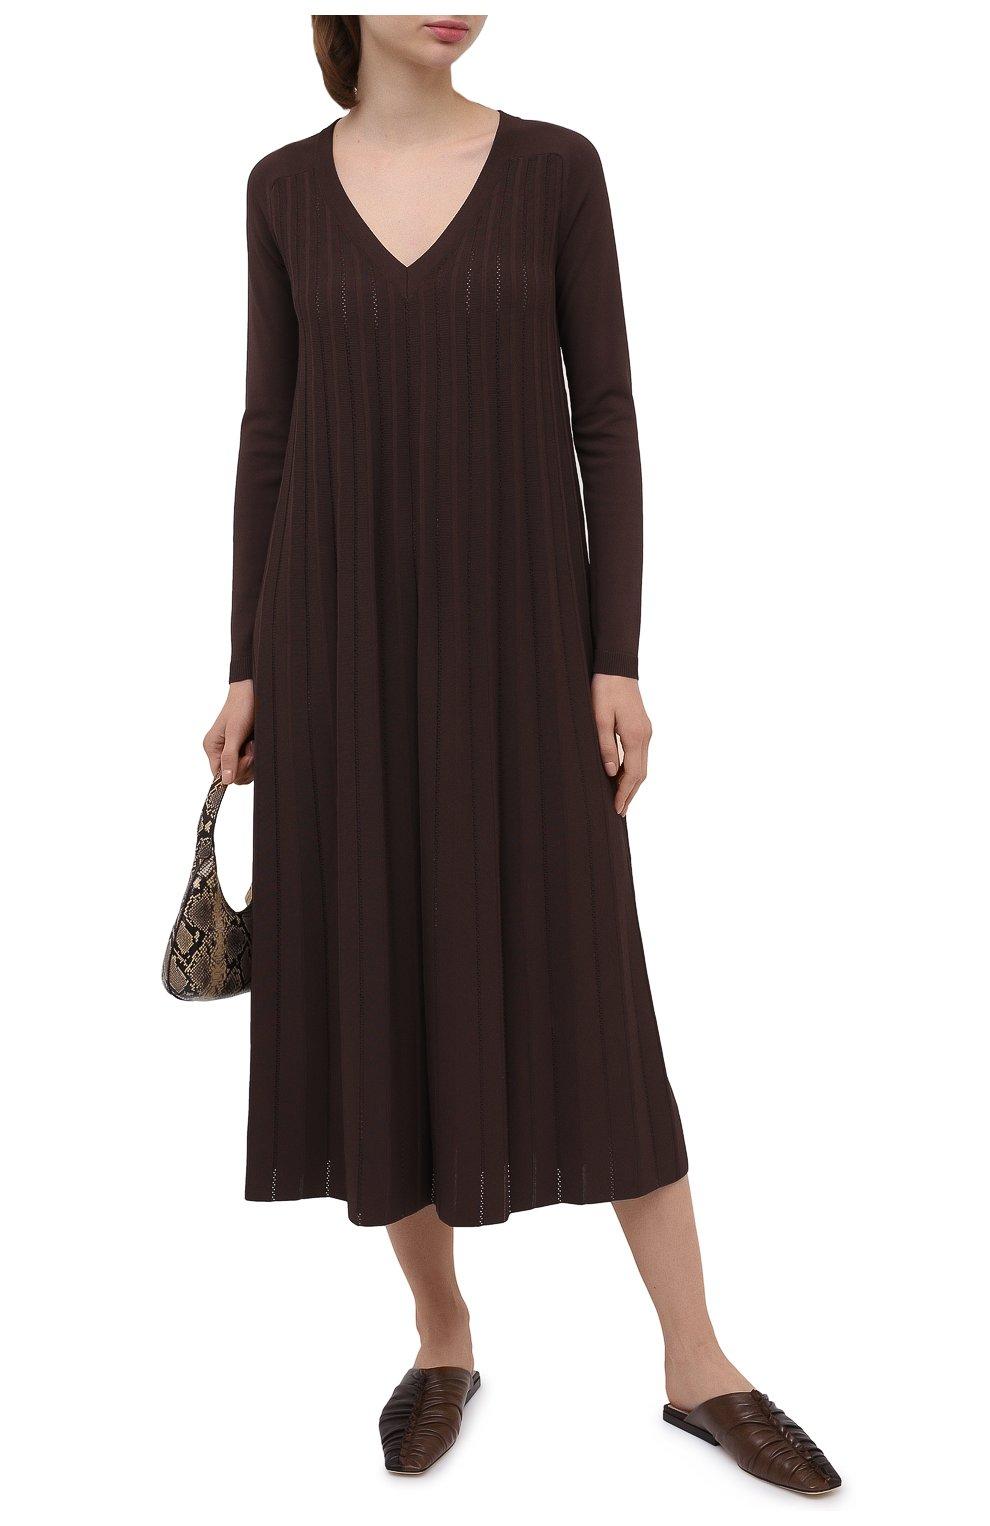 Женское платье из вискозы CASASOLA коричневого цвета, арт. DRS-C-CARLA/VISC0SE | Фото 2 (Рукава: Длинные; Случай: Повседневный; Длина Ж (юбки, платья, шорты): Миди; Материал внешний: Вискоза; Женское Кросс-КТ: Платье-одежда)